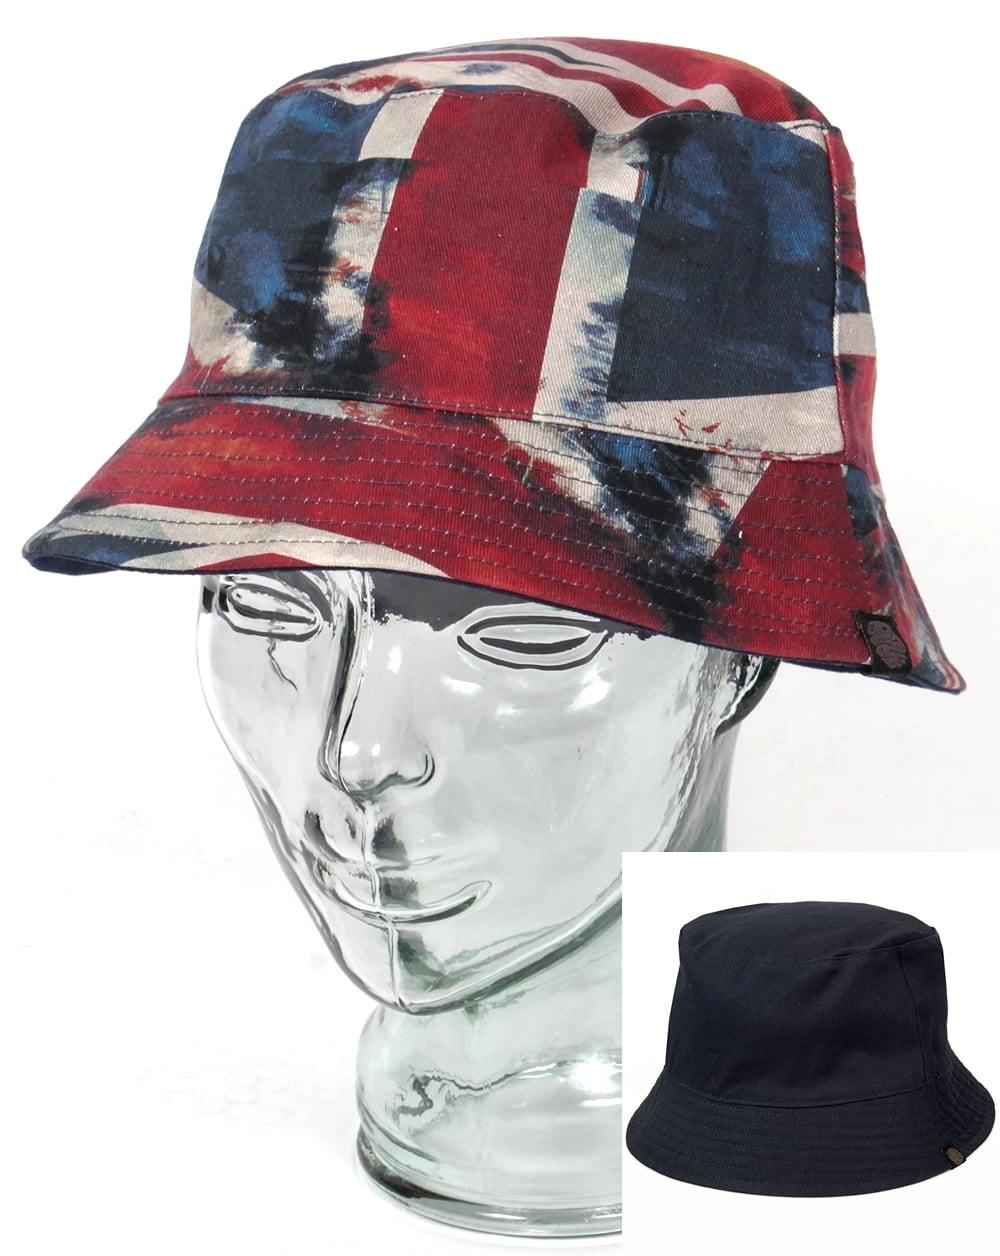 Sandwich Bucket Hat - Team Merch Sportswear Pty Ltd  |Red Bucket Hat